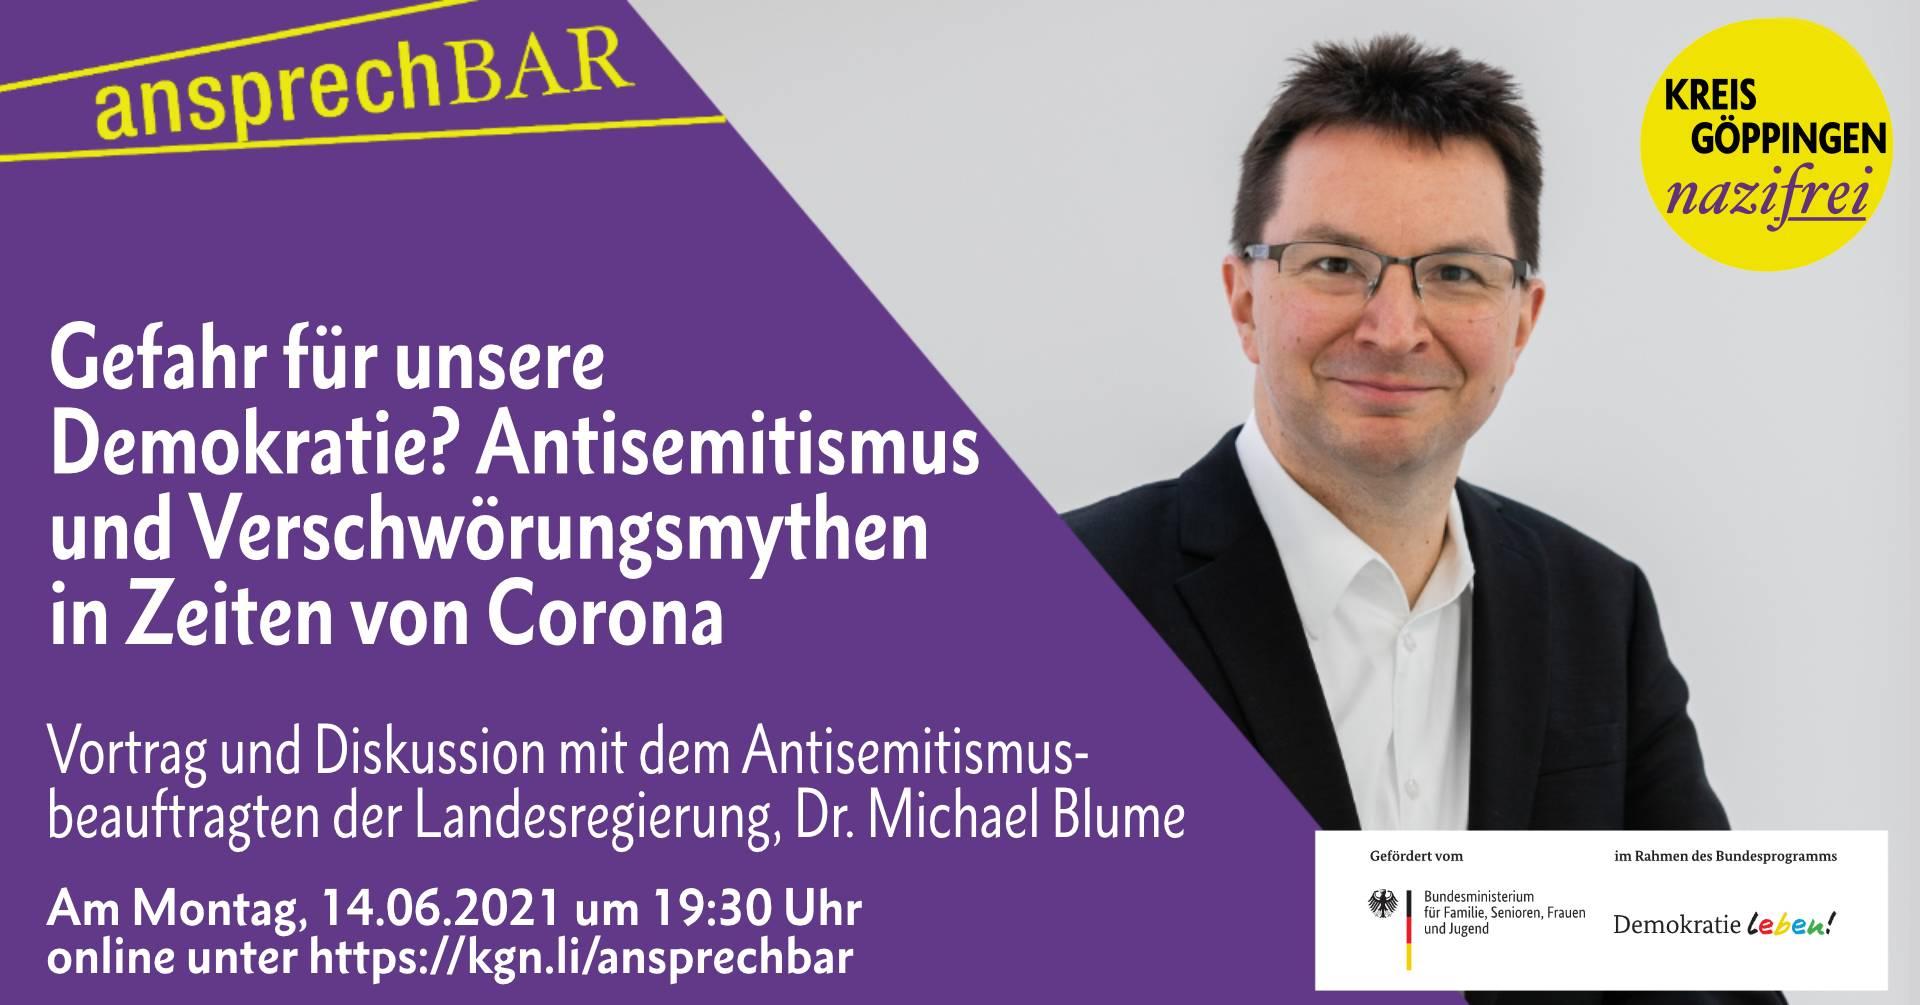 ansprechbar: Gefahr für unser Demokratie? Antisemitismus und Verschwörungsmythen in Zeiten von Corona